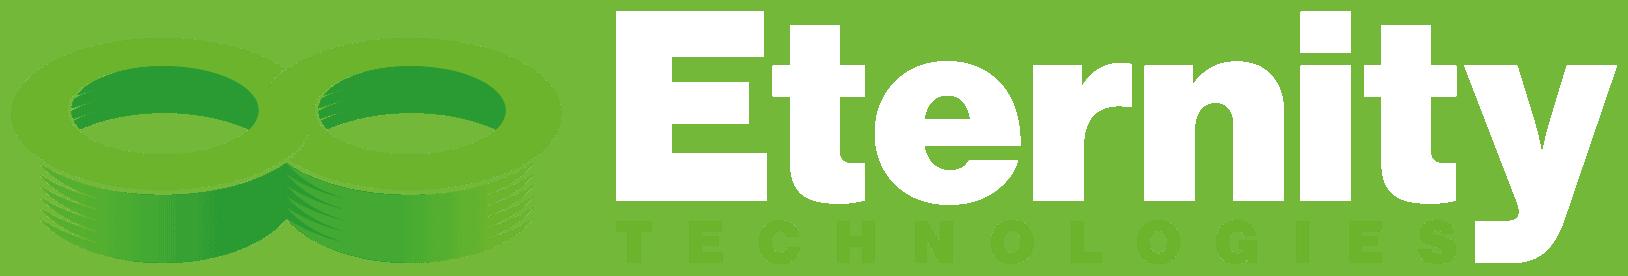 eternity-logo-white